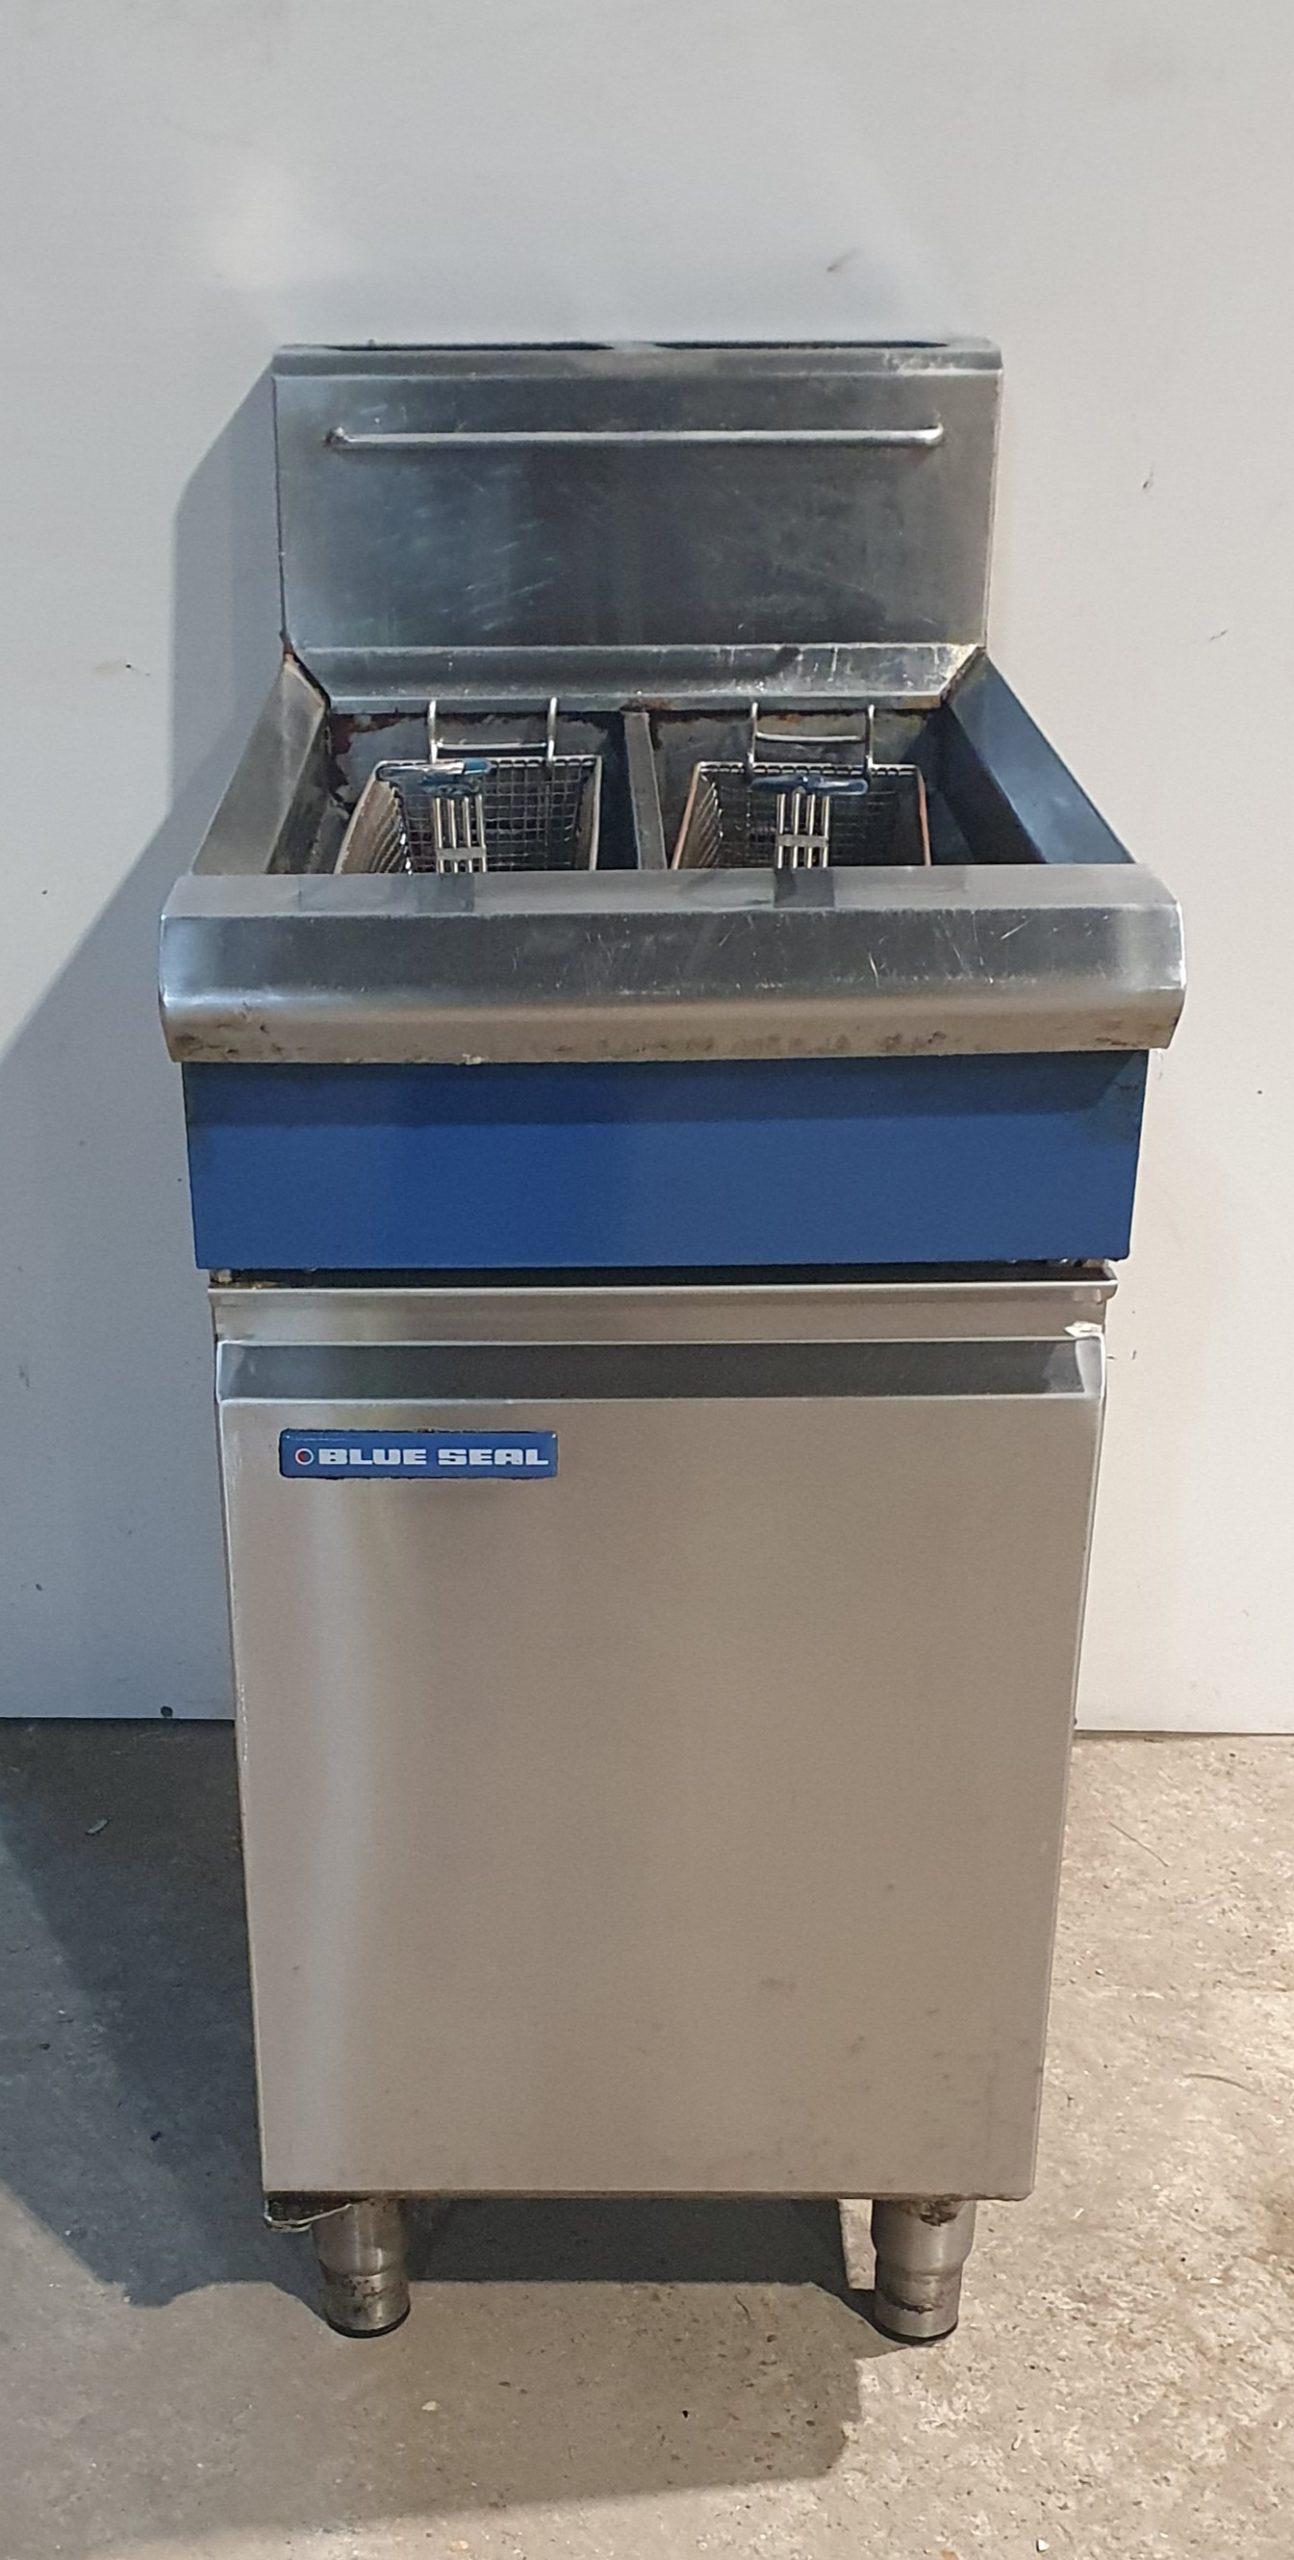 BLUE SEAL Single Well Twin Basket Electric Fryer